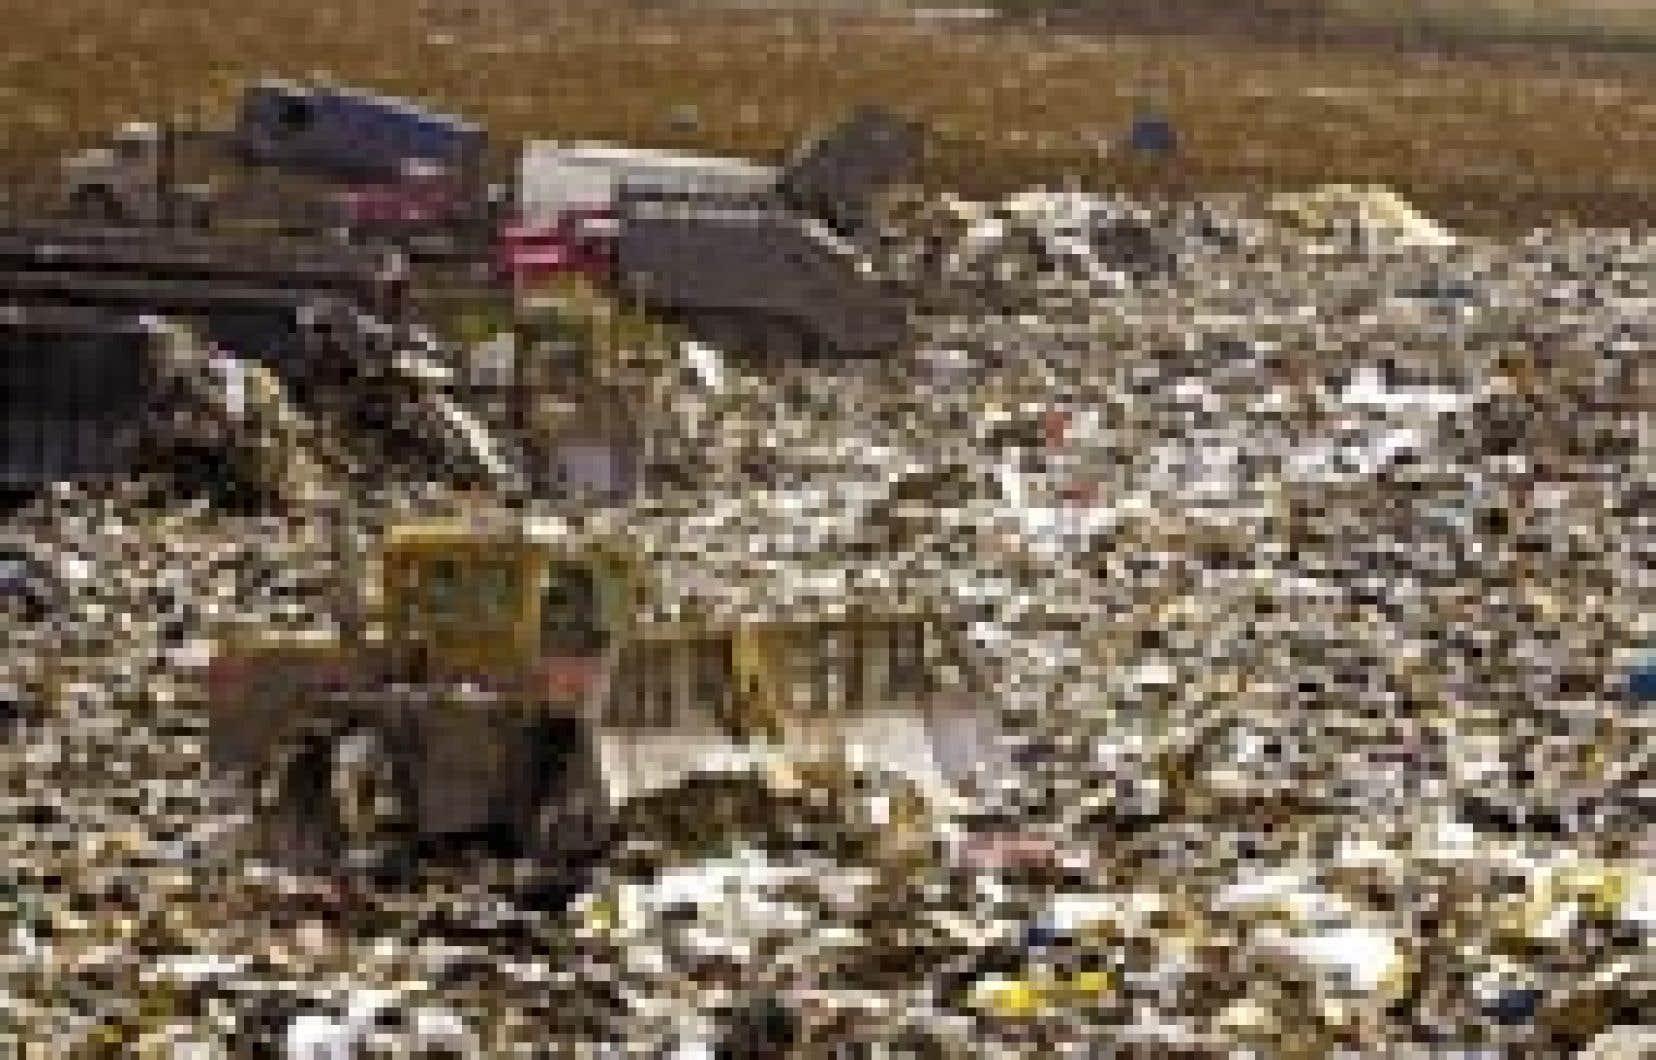 Le mégasite de Lachenaie, au nord-est de Montréal. Le ministre de l'Environnement, Thomas Mulcair, vient d'annoncer que la quantité de déchets qui y sont enfouis augmentera au lieu de diminuer.